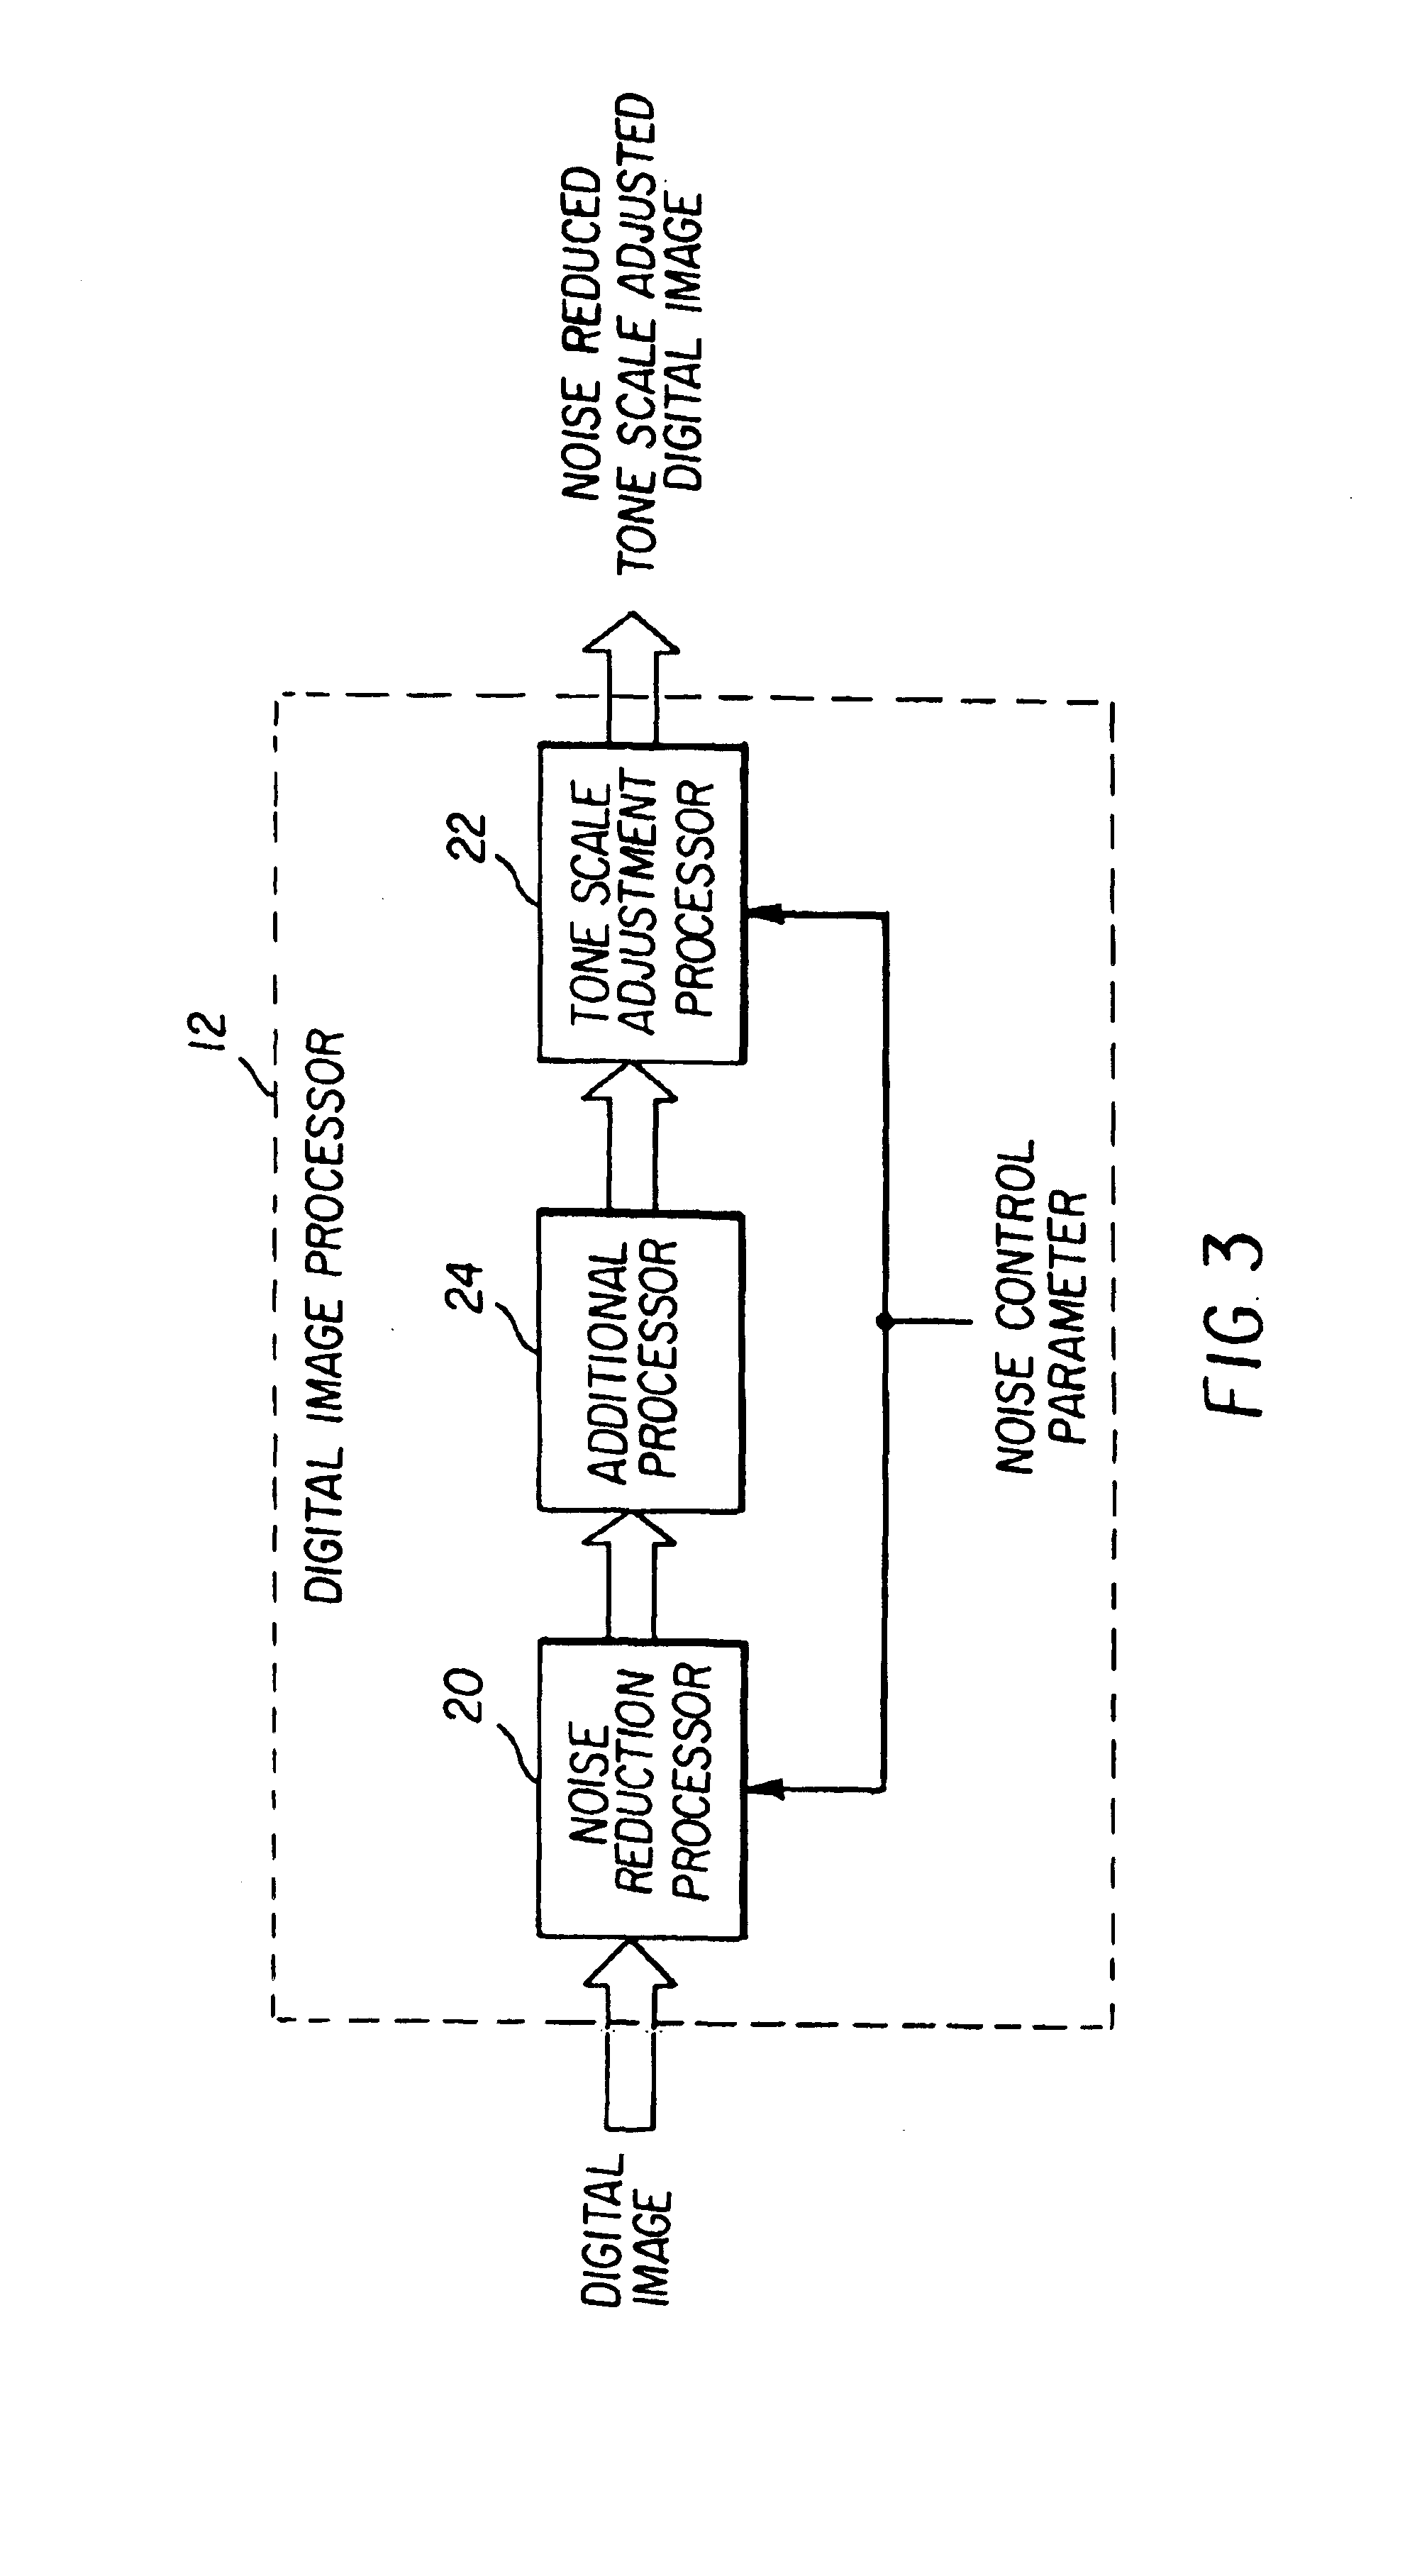 patent us6813389